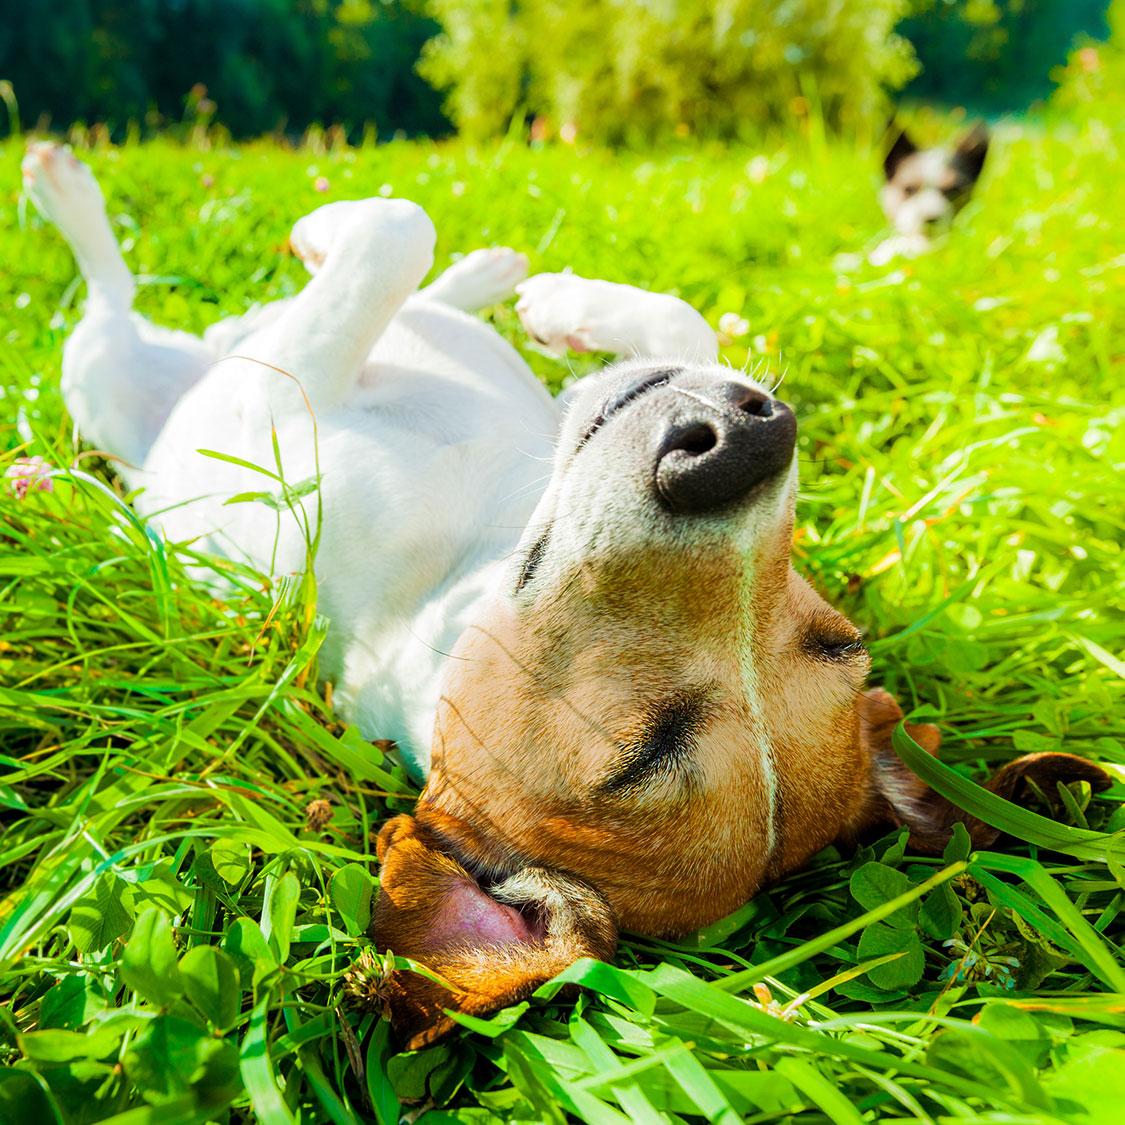 굿바이 썸머! 무더운 여름 지친 강아지를 위한 보양 간식!